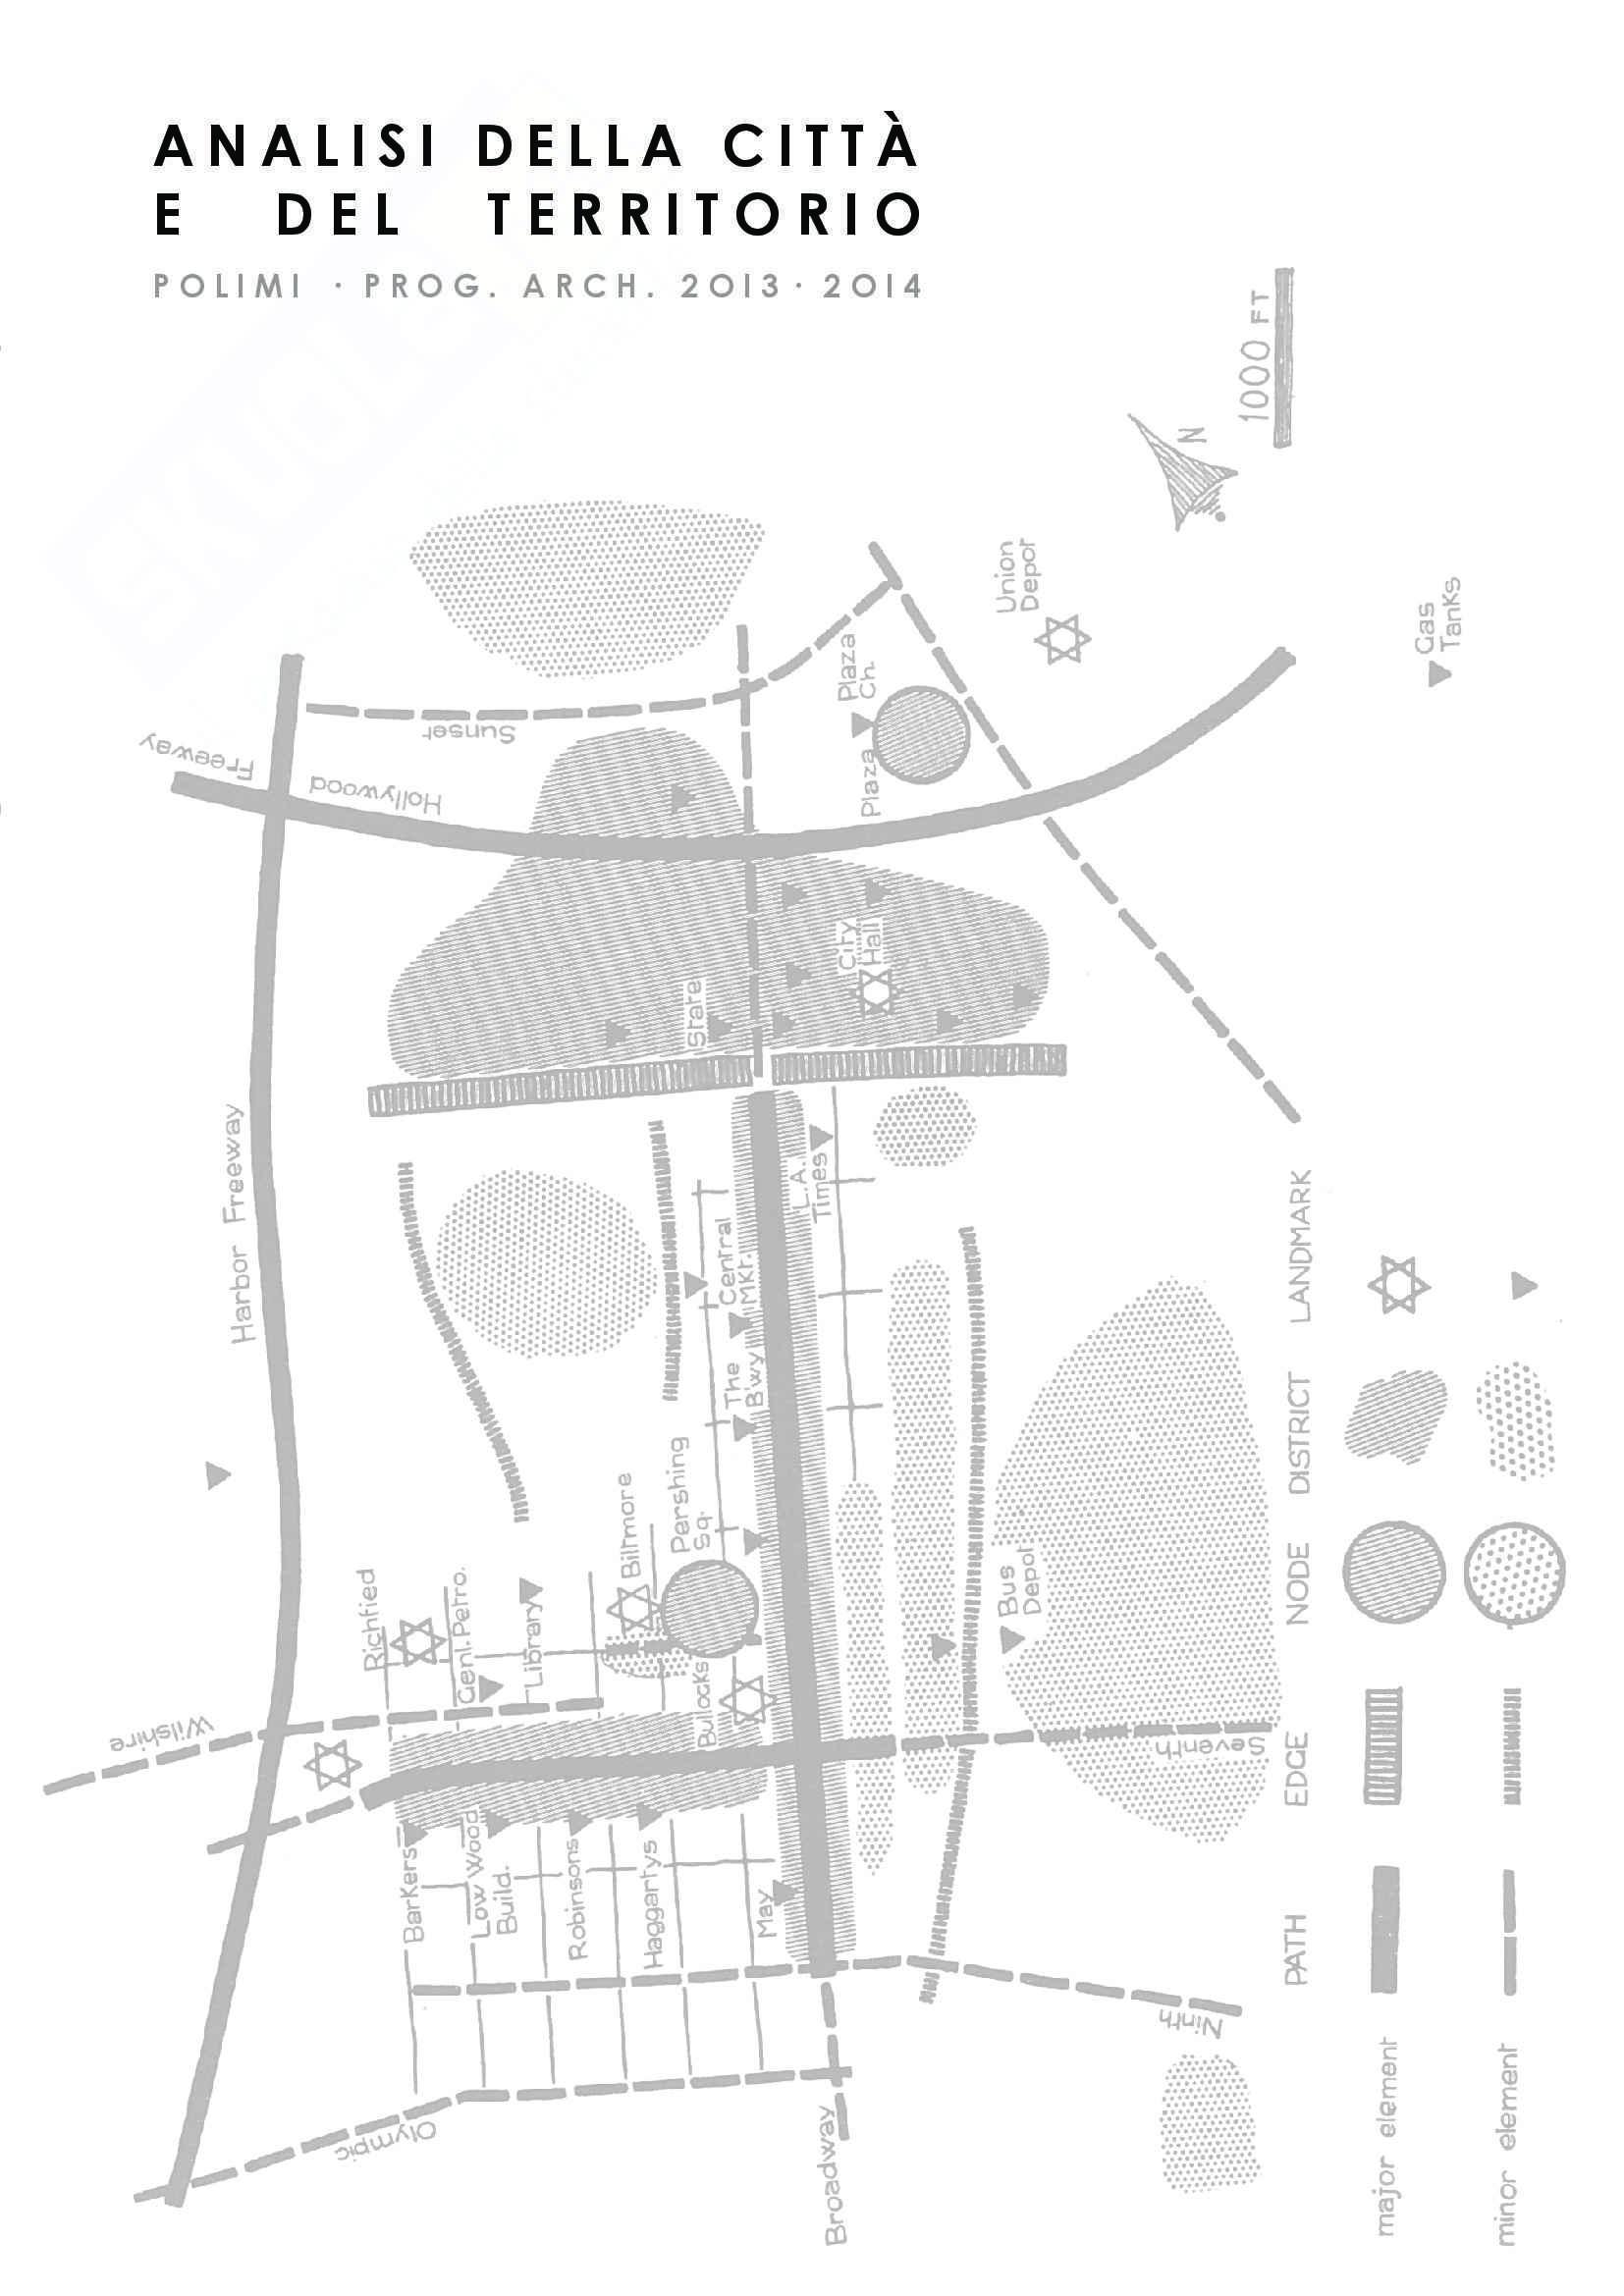 Analisi della città e del Territorio - Appunti completi